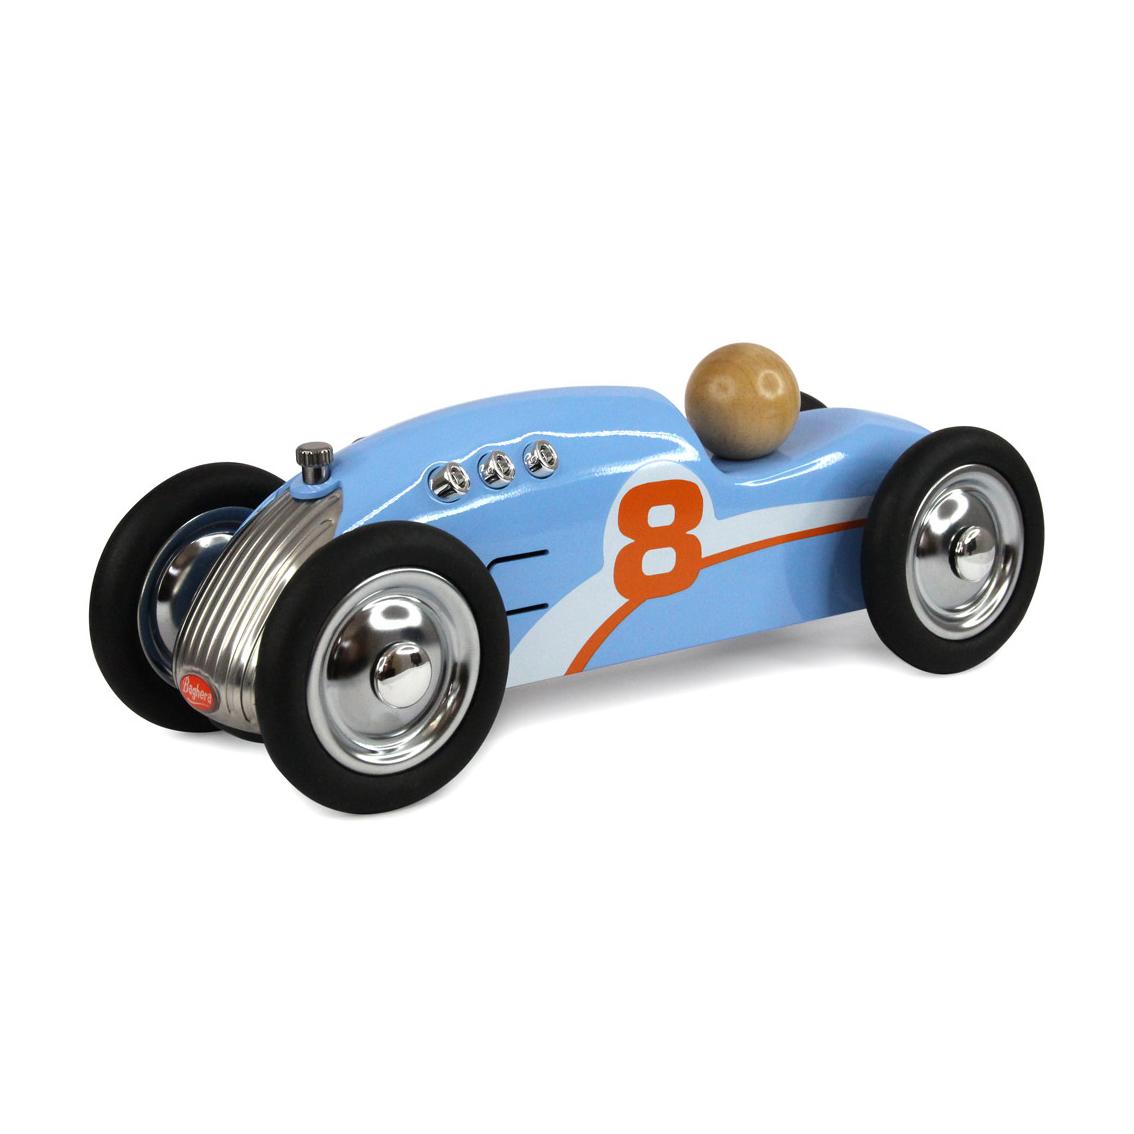 Voiture en m tal rocket bleu baghera pour chambre enfant - Garage metallique pour voiture ...